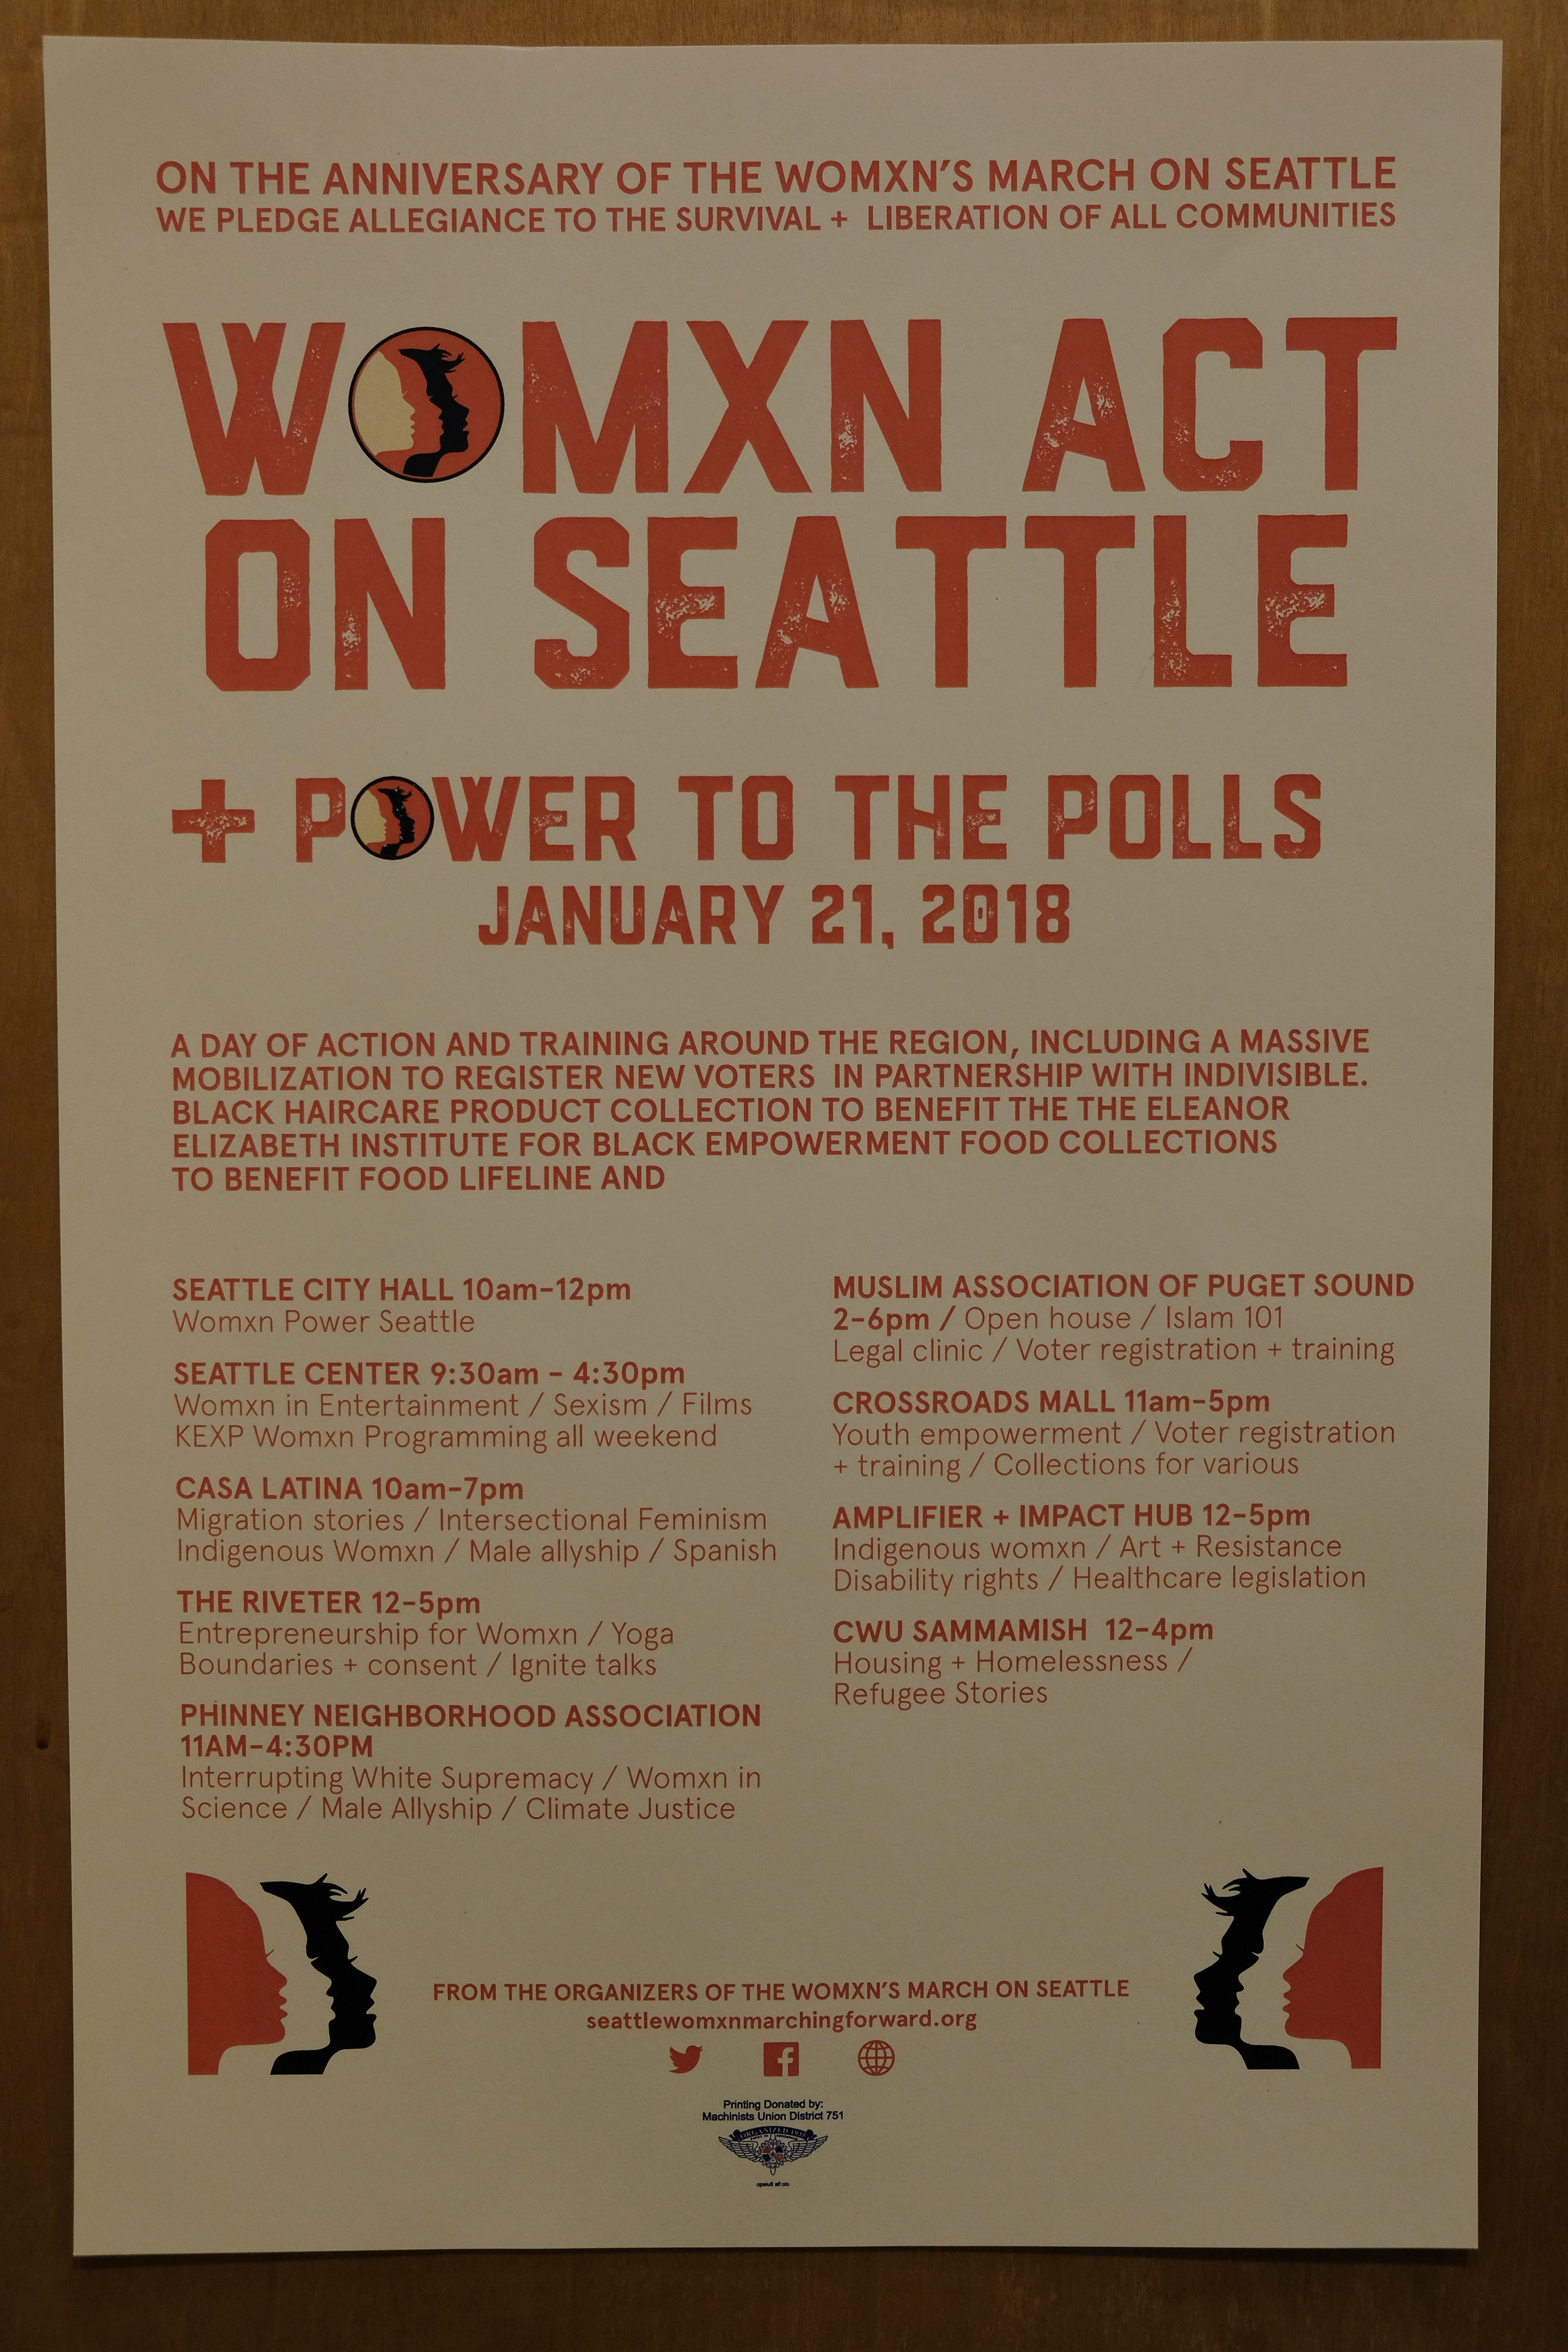 Women Act on Seattle.